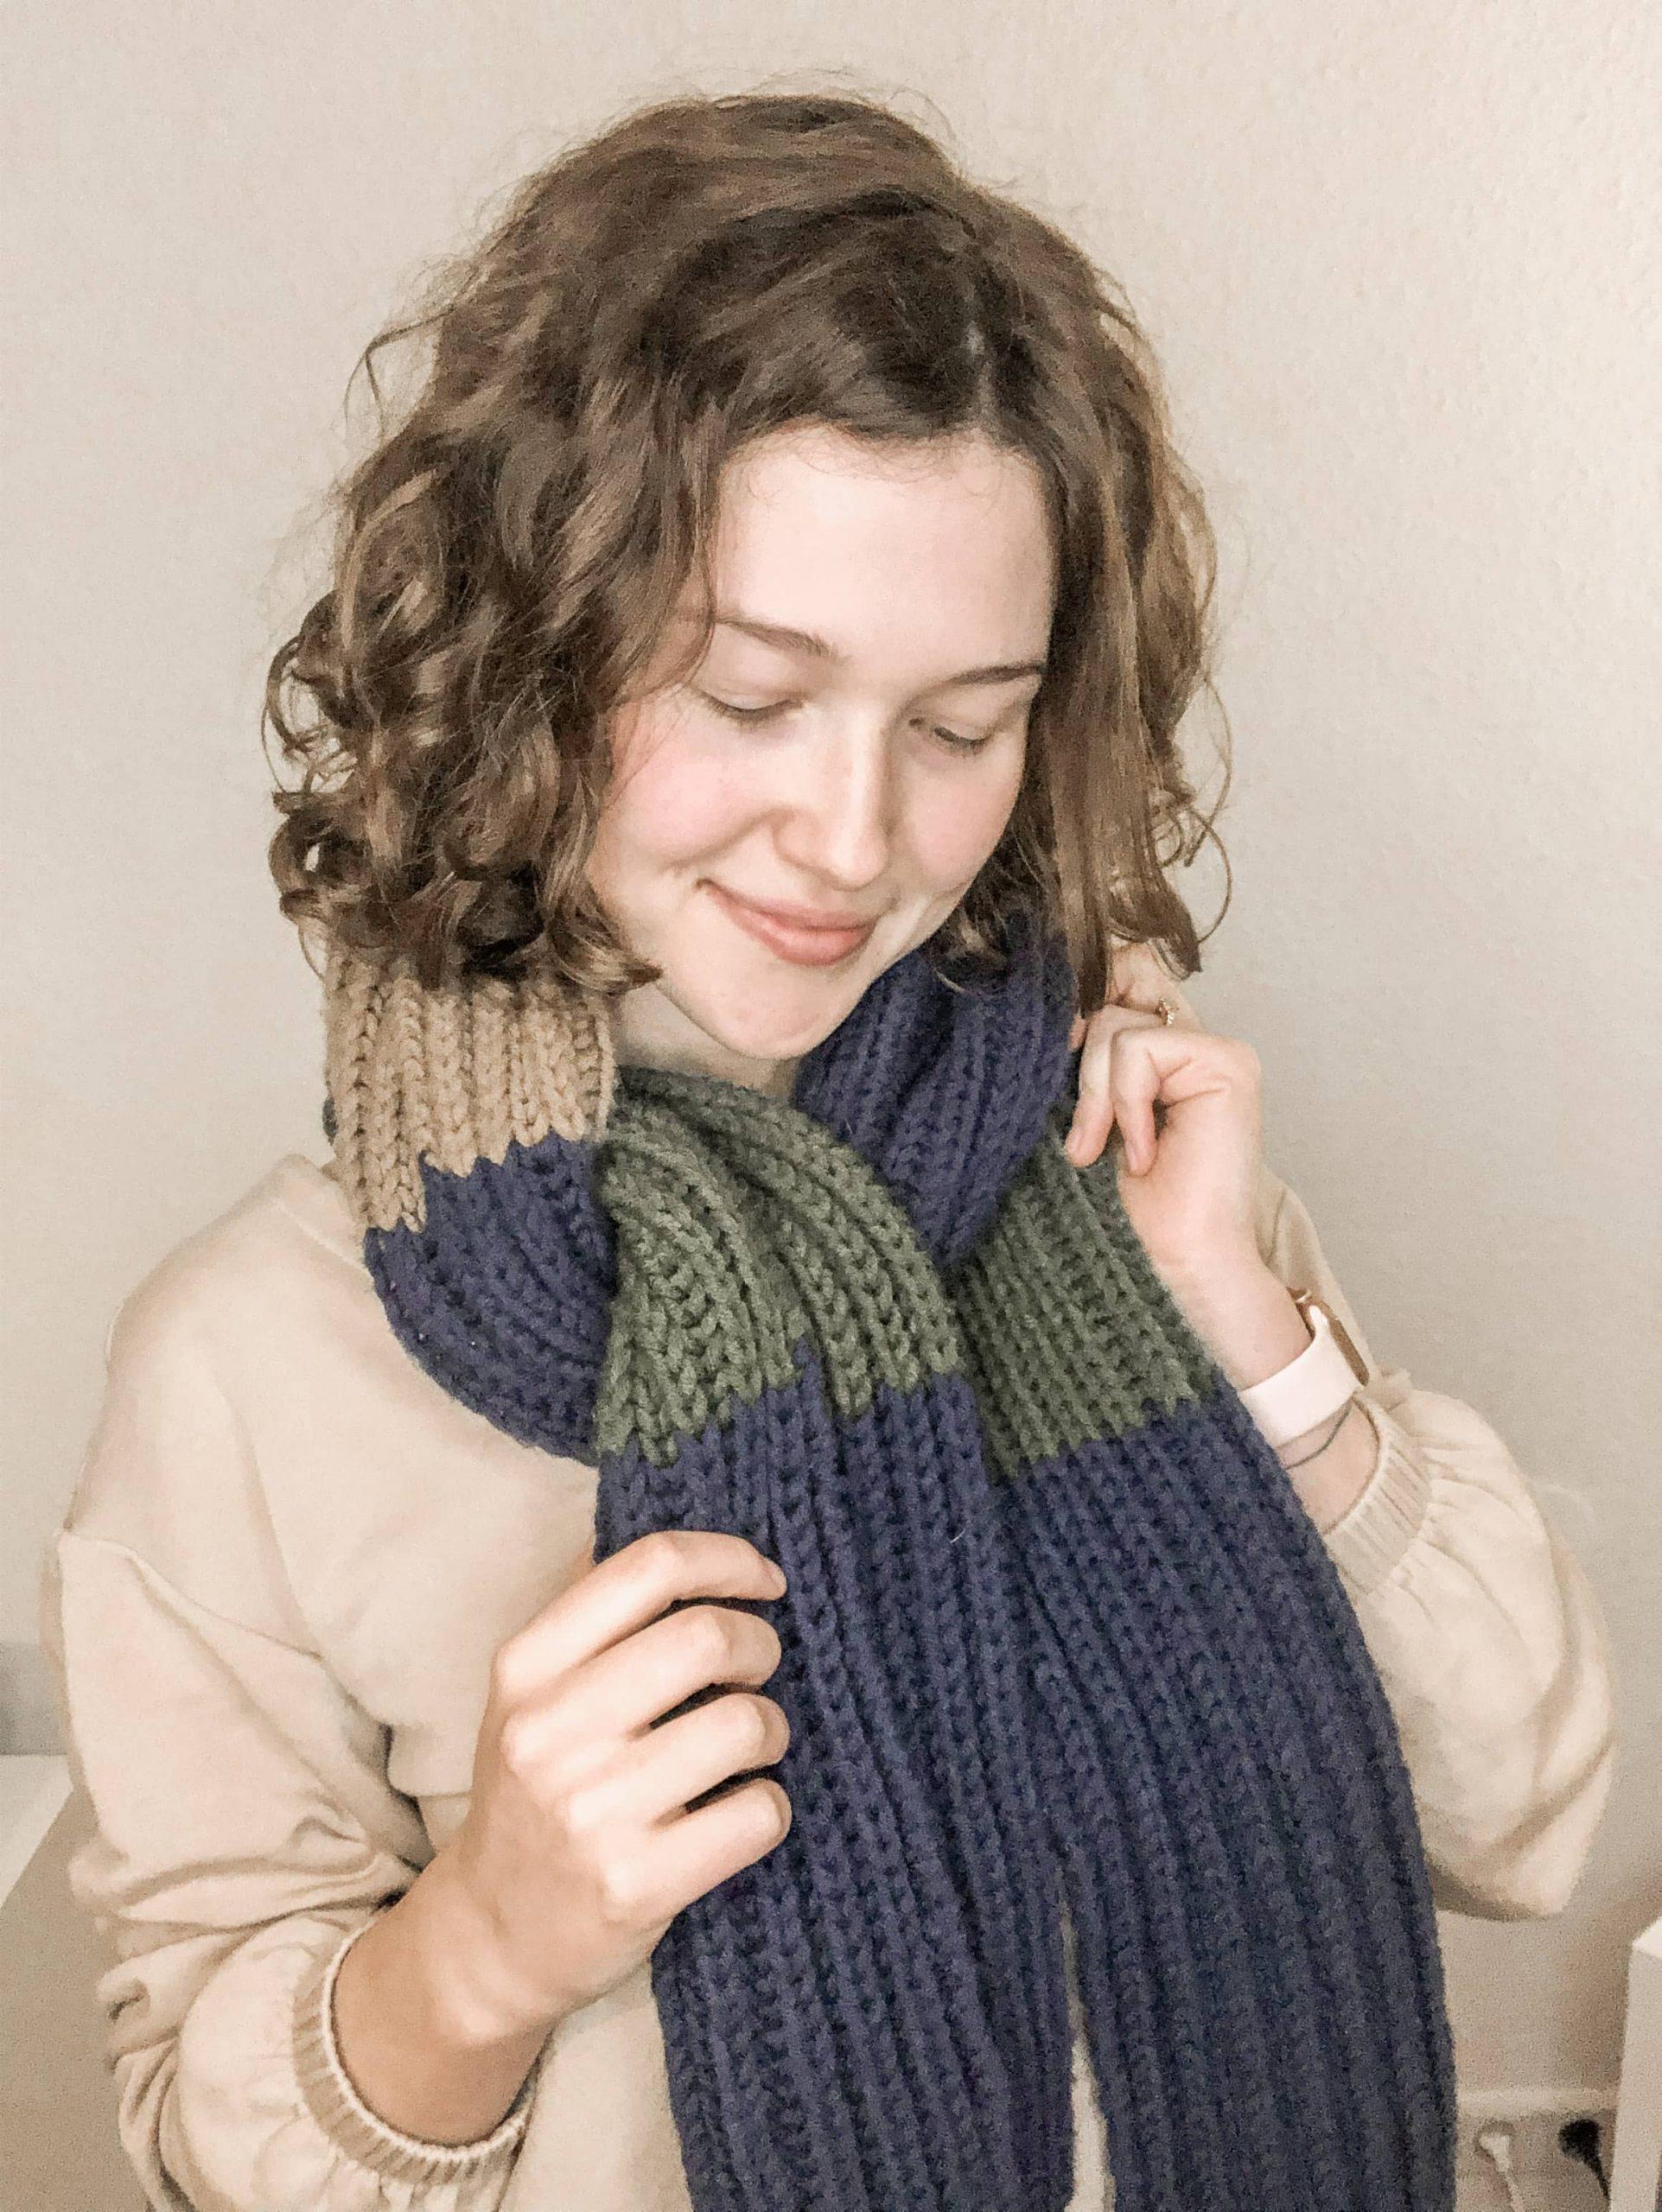 Dein erstes Strickprojekt: Schal stricken